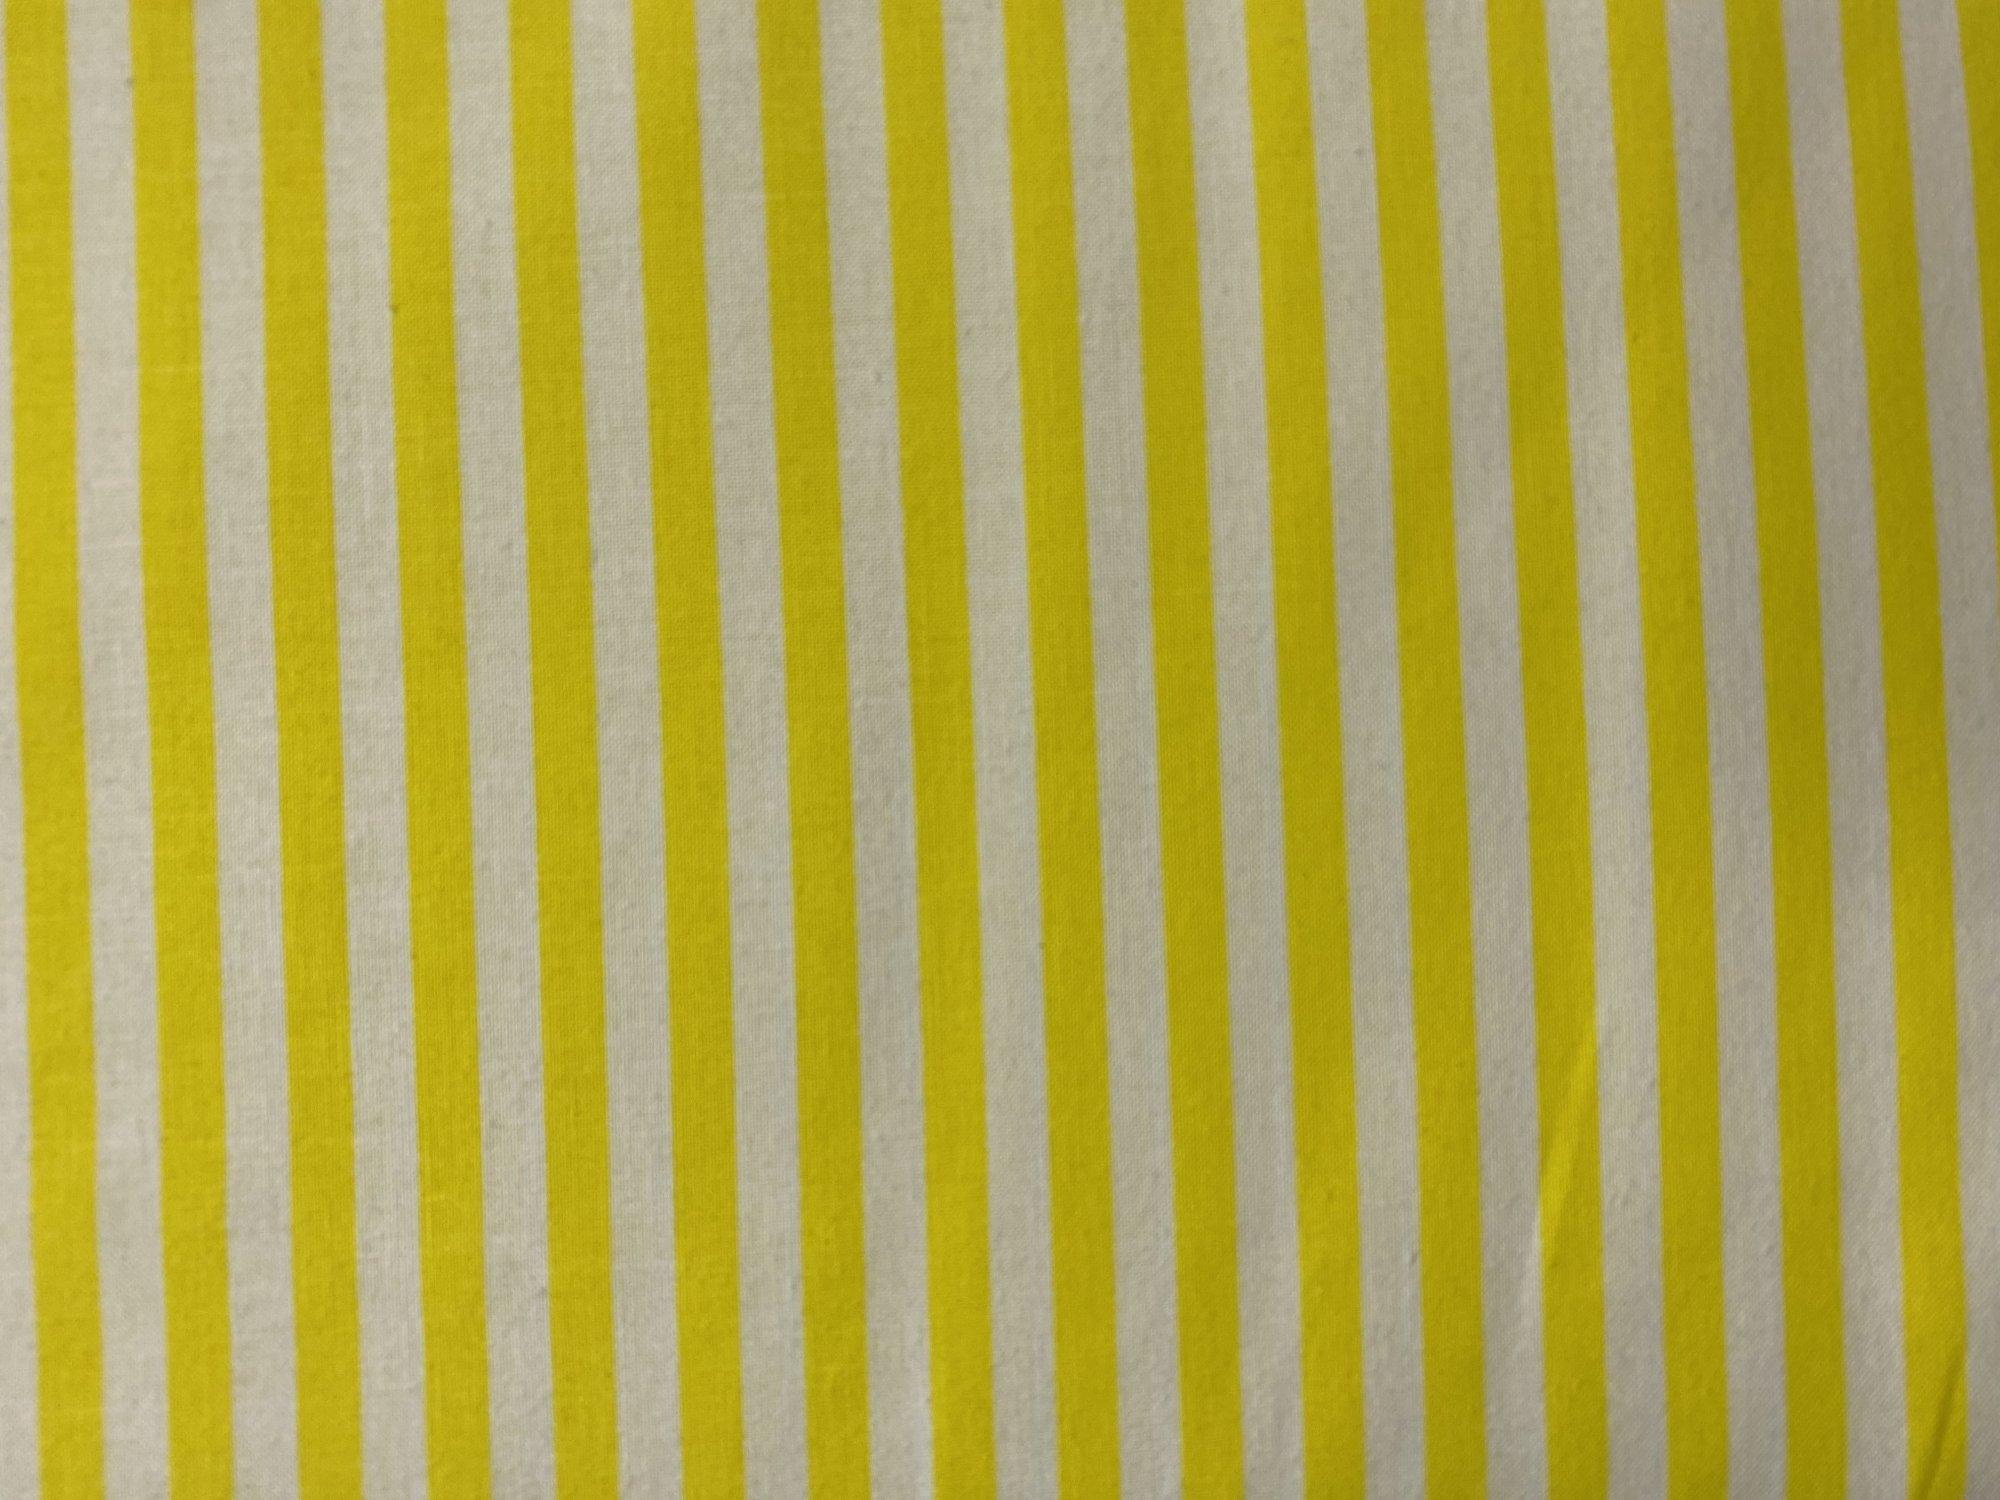 Choice Yellow & White Stripe BD-45343-A02